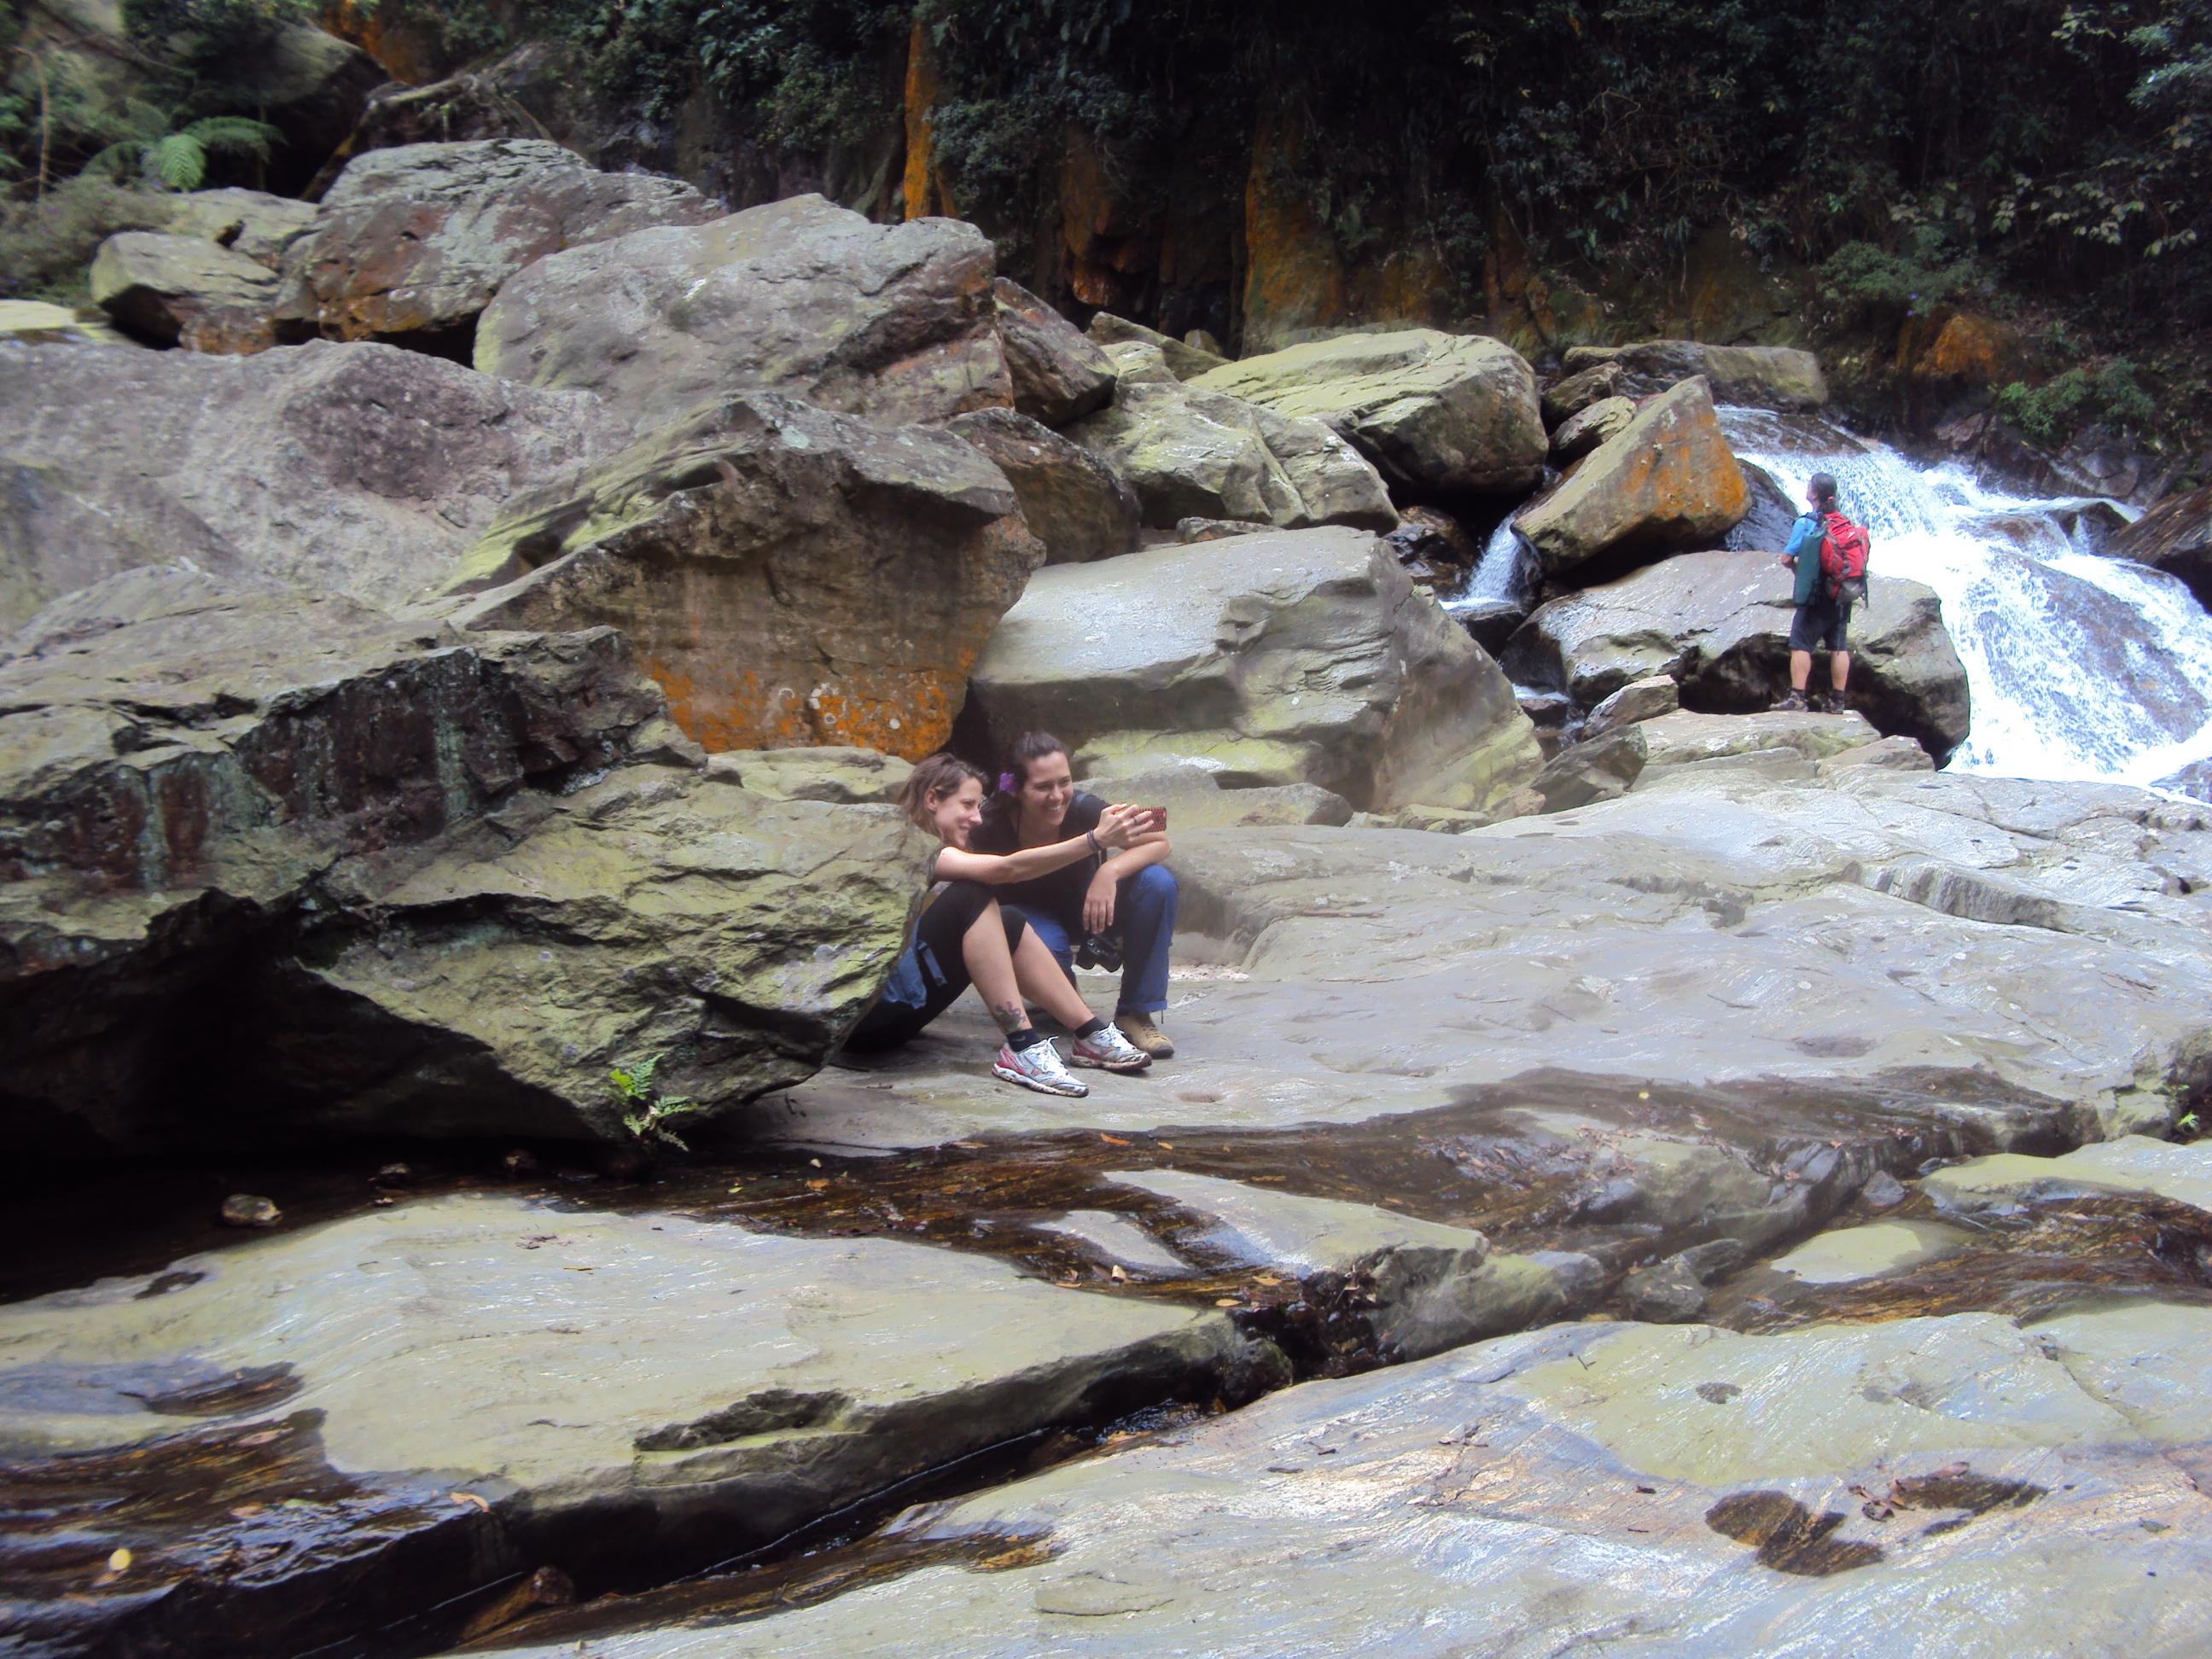 Vale das cachoeiras novembro 2014 061.jpg